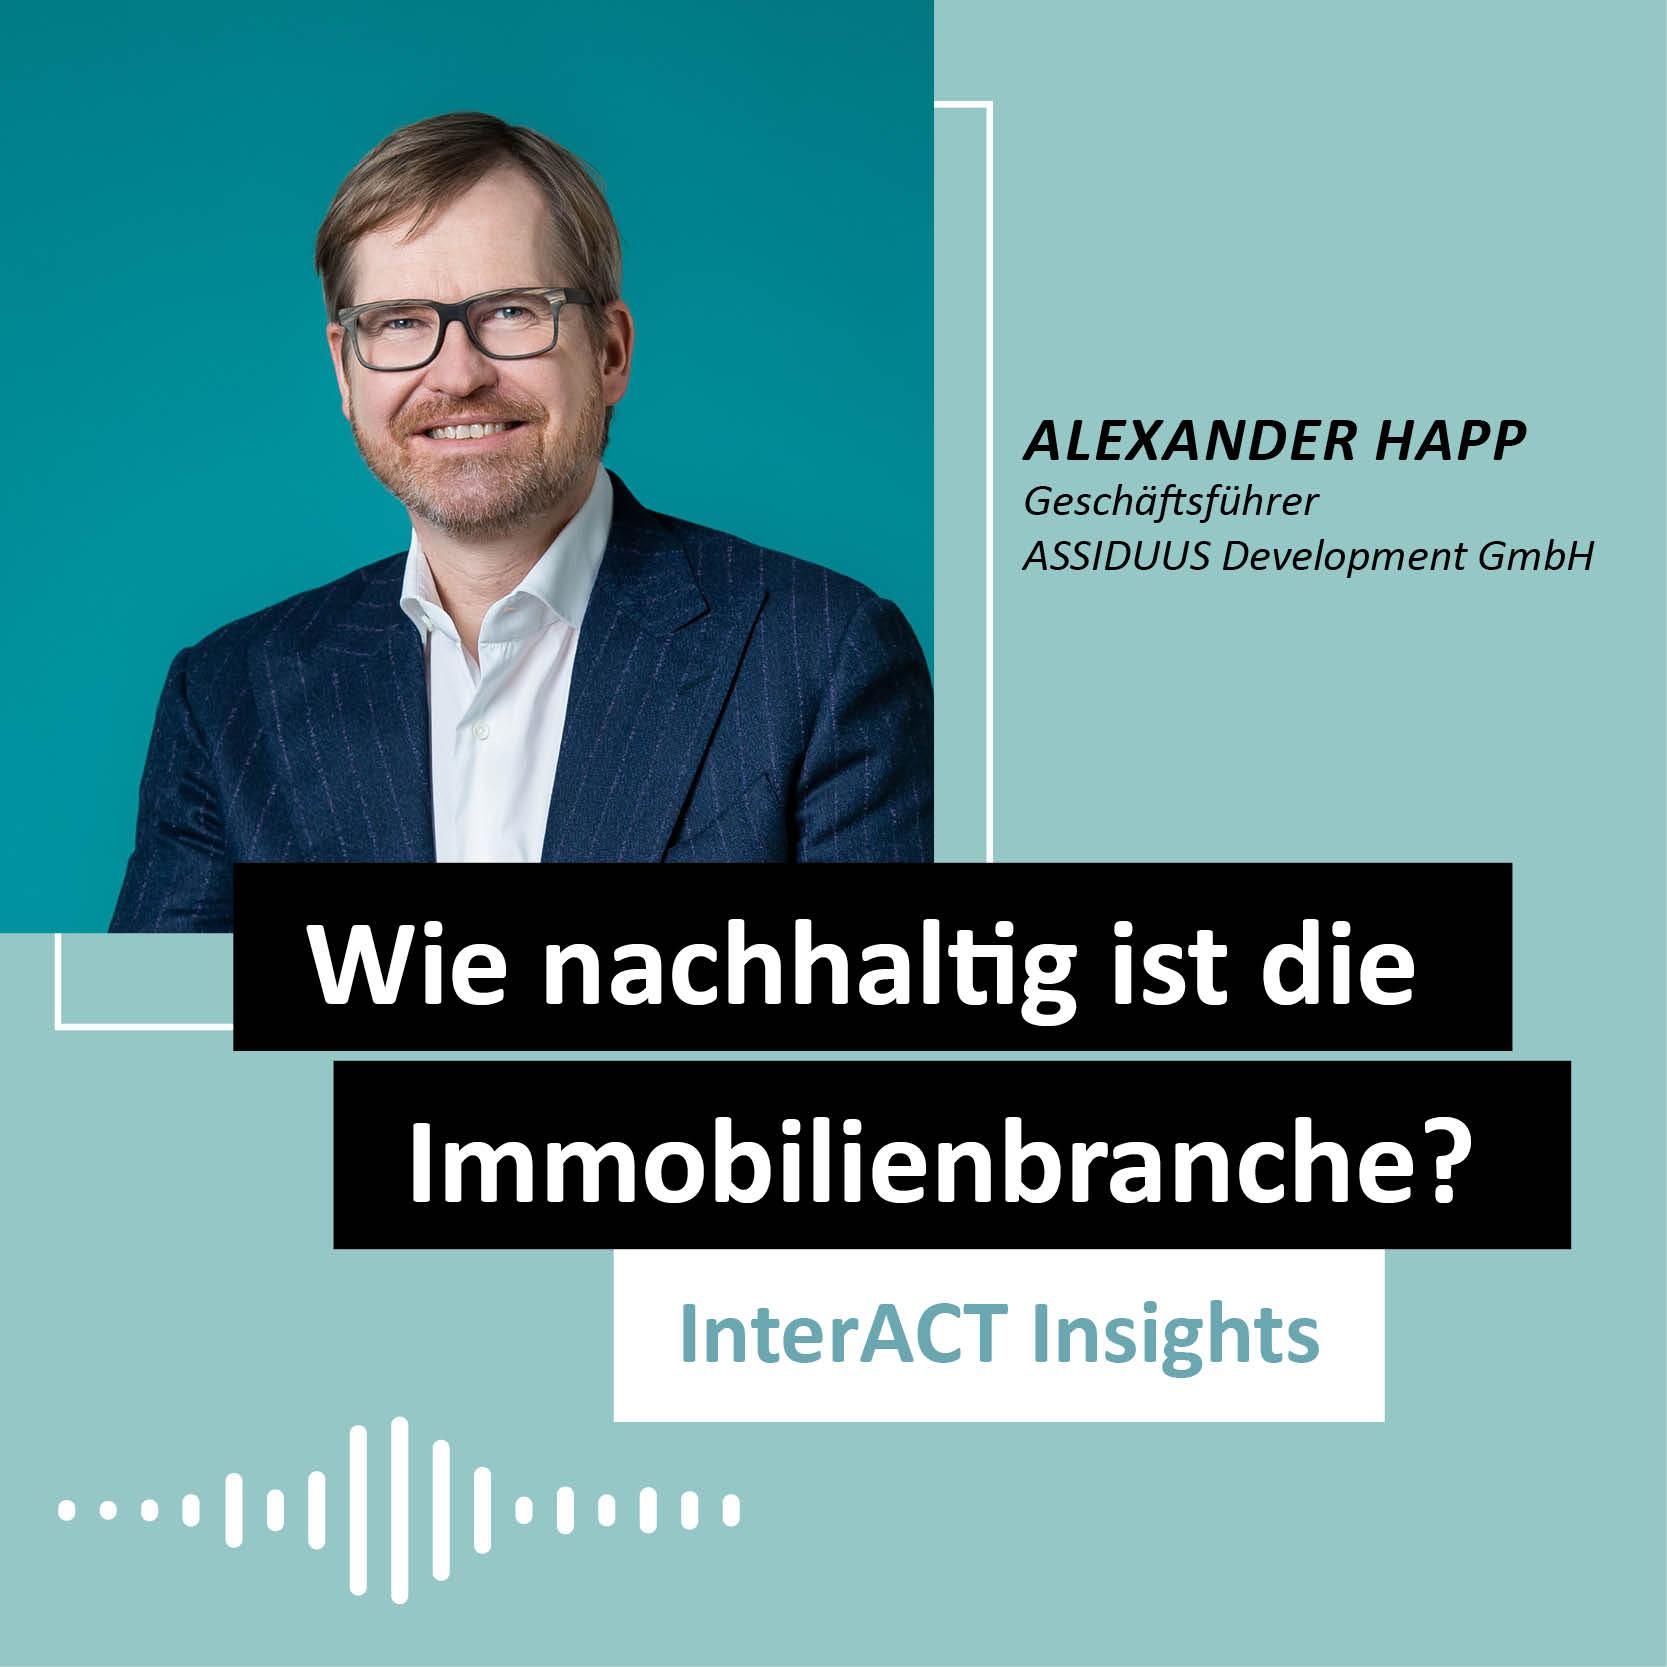 """Podcastfolge mit Alexander Happ - """"Wie nachhaltig ist die Immobilienbranche?"""" - InterACT Insights"""